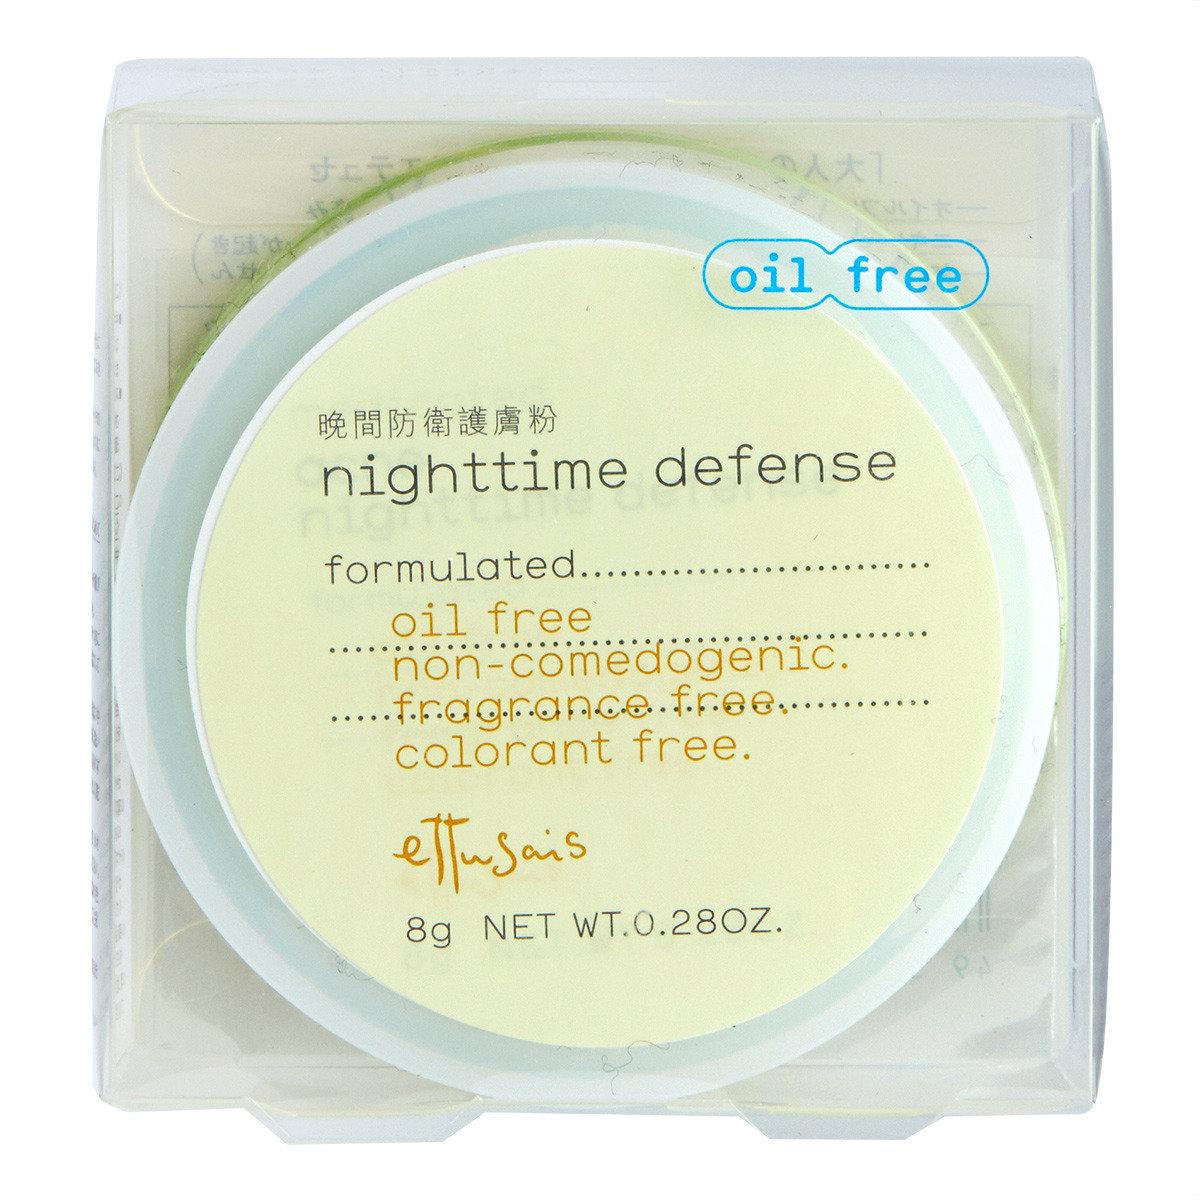 晚間防衛護膚粉